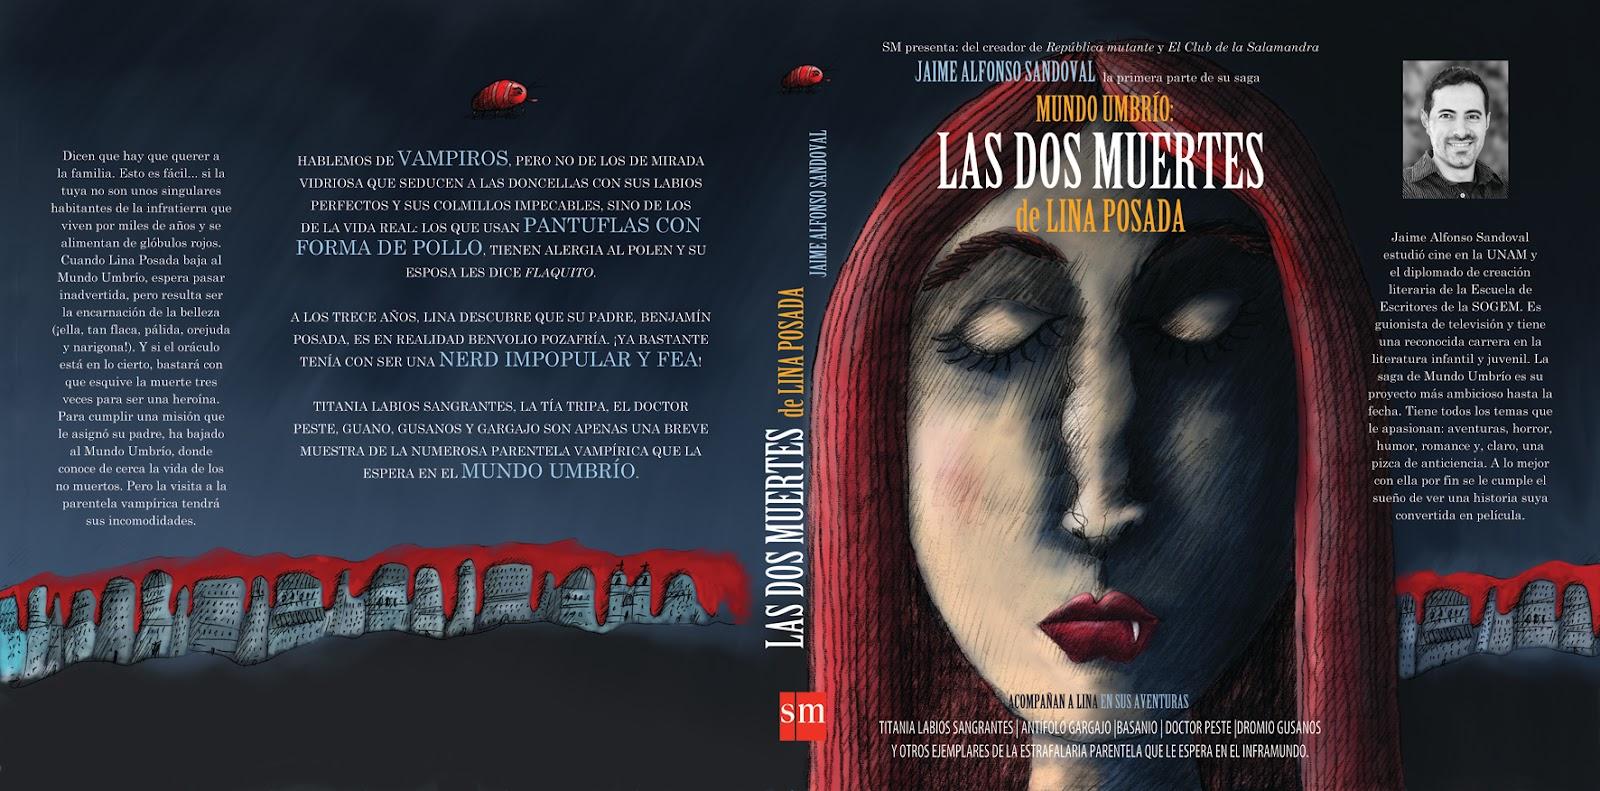 las-dos-muertes-de-lina-posada-nueva-edicion-jaime-alfonso-sandoval